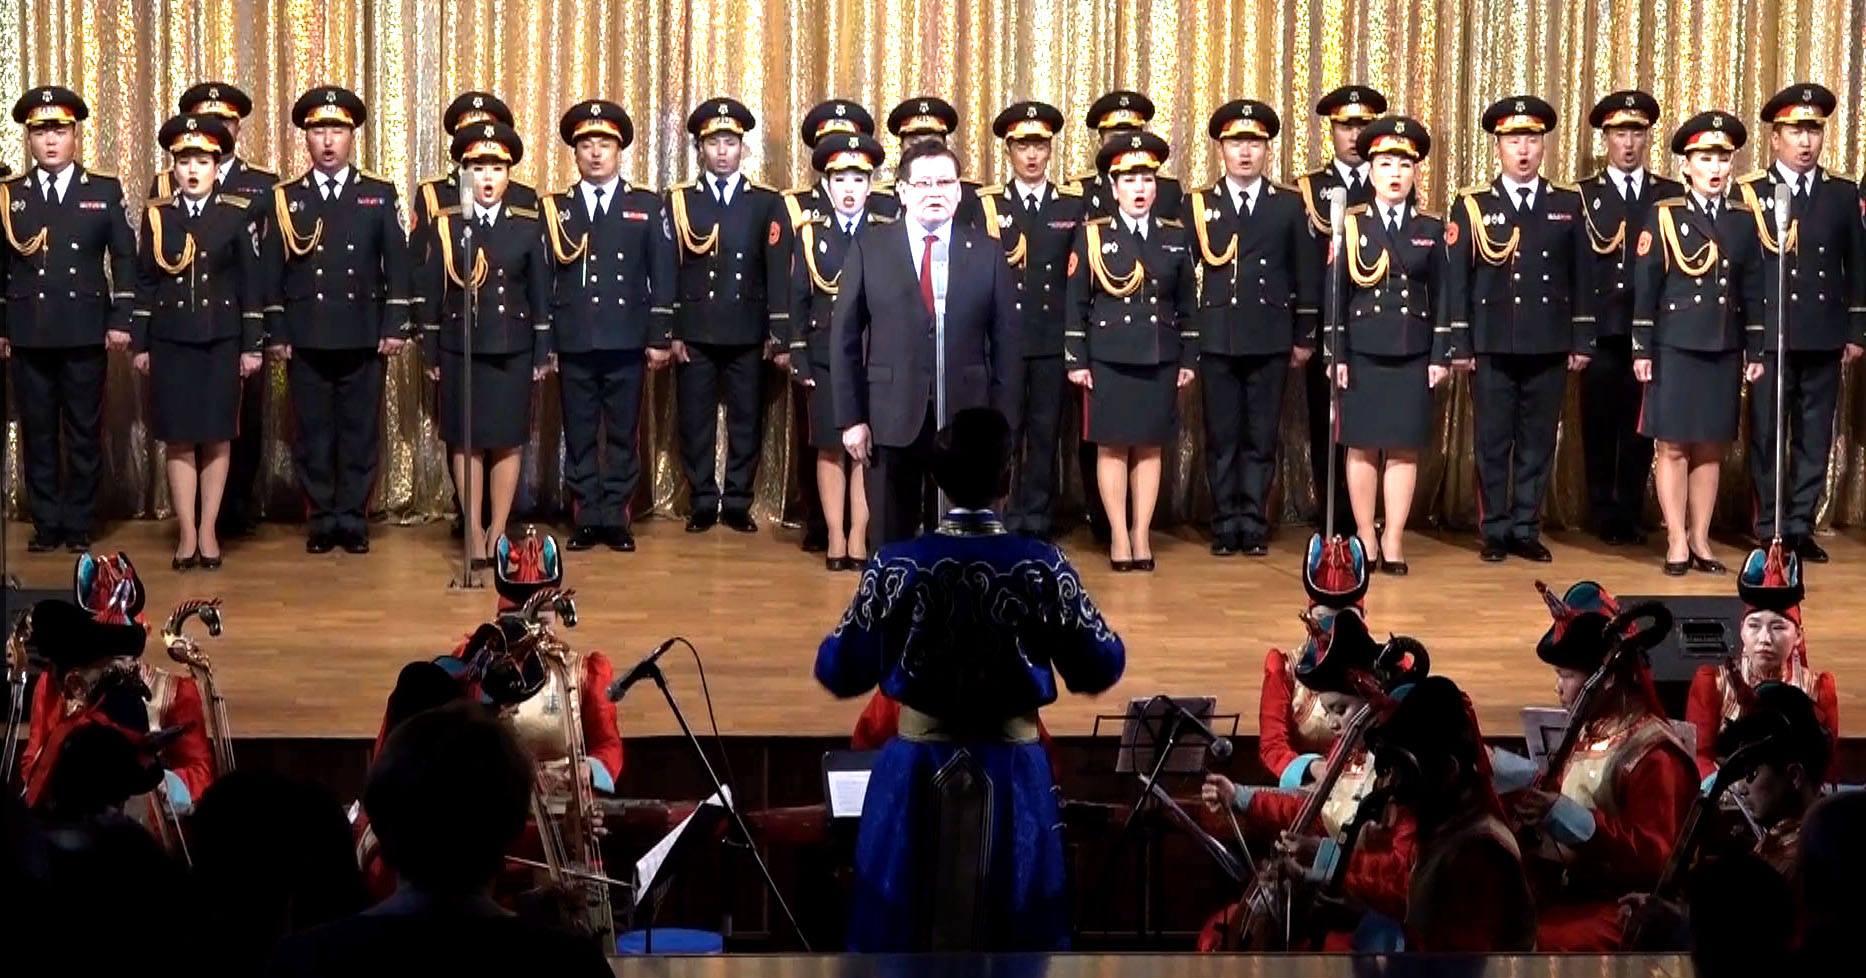 Төрийн хүндэтгэлийн концерт болж байна